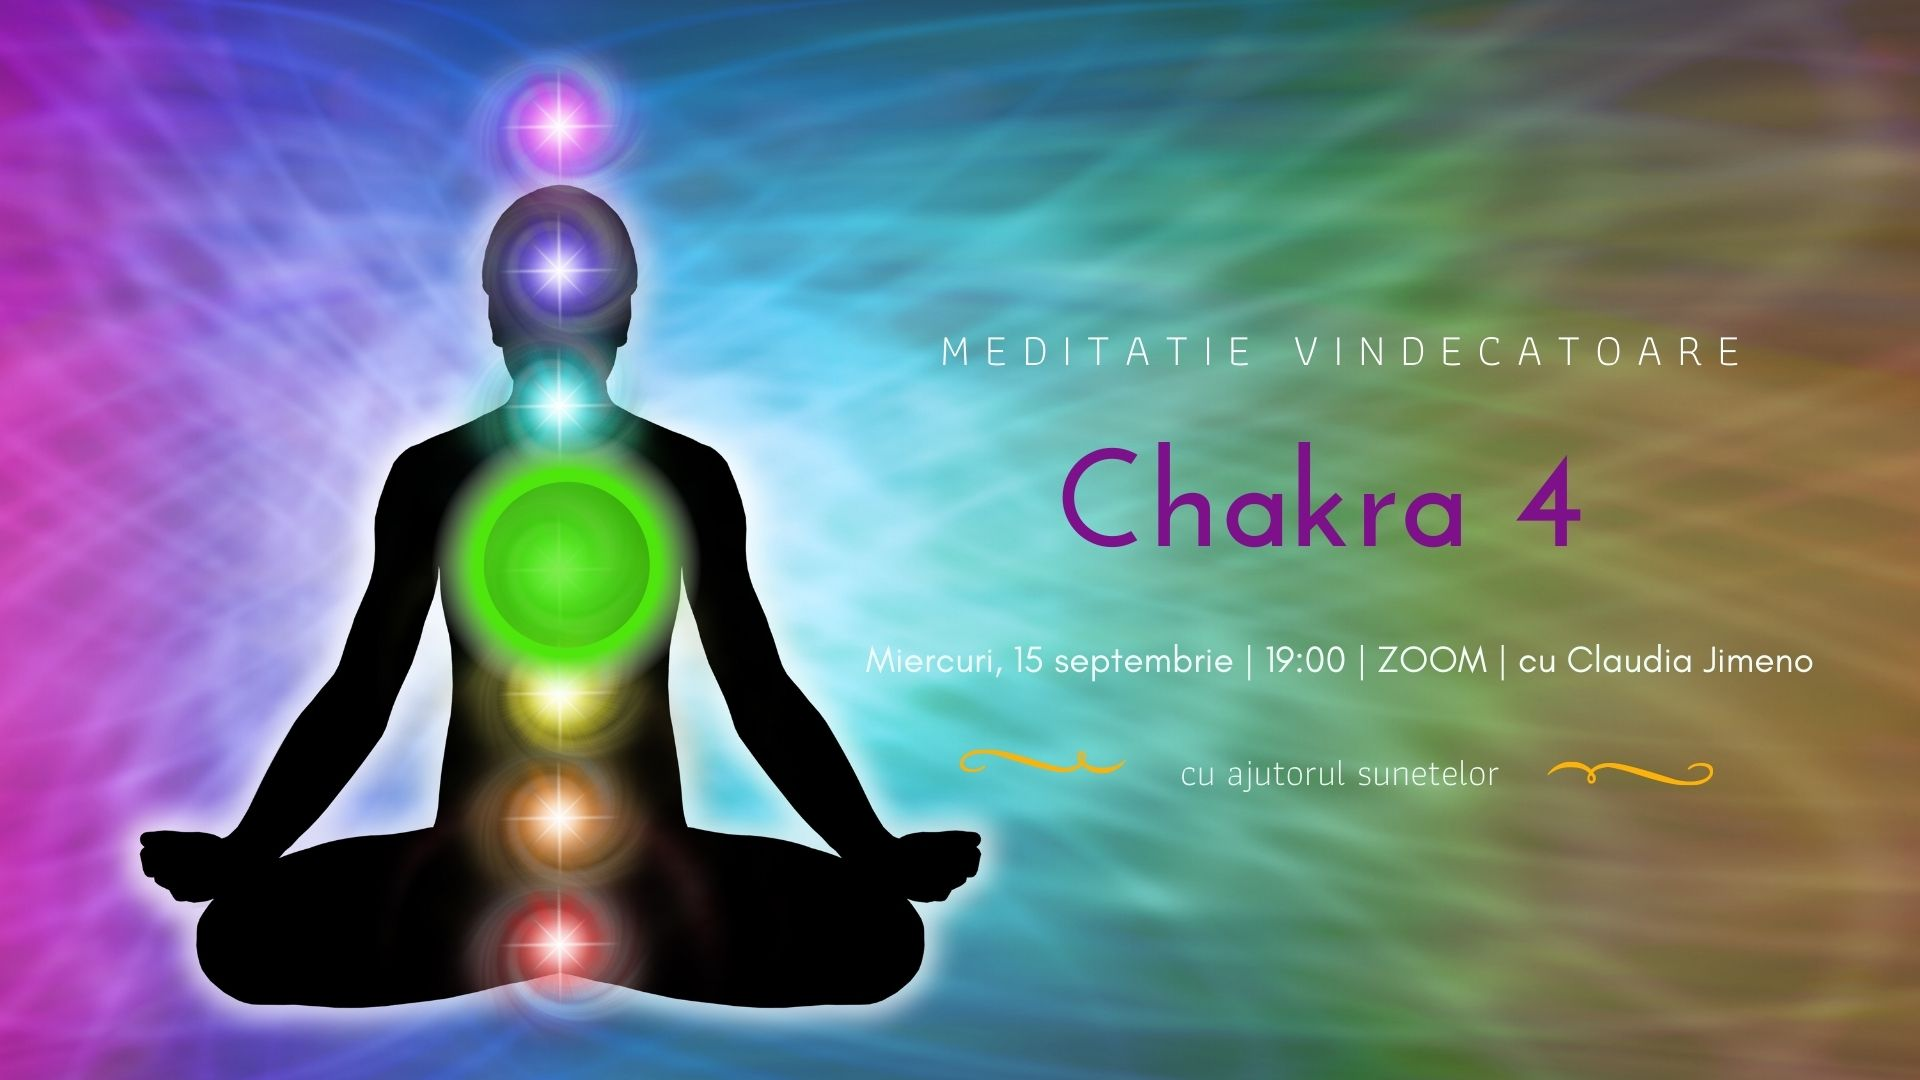 Meditatie cu sunete chakra 4 cu Claudia Jimeno